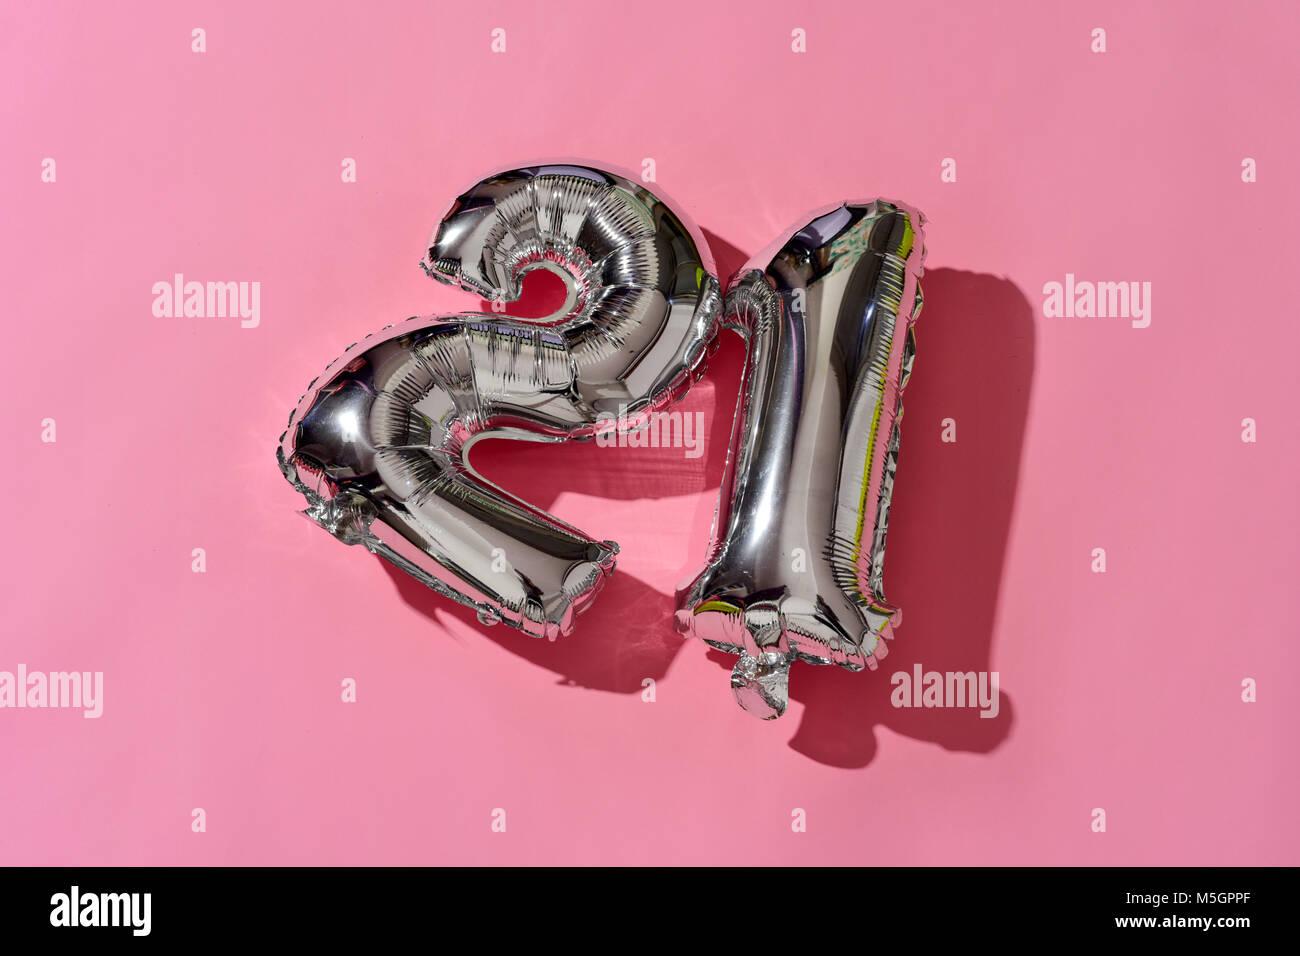 Certains ballons en forme de numéro argenté formant le numéro 21 contre un fond rose, avec un peu Photo Stock